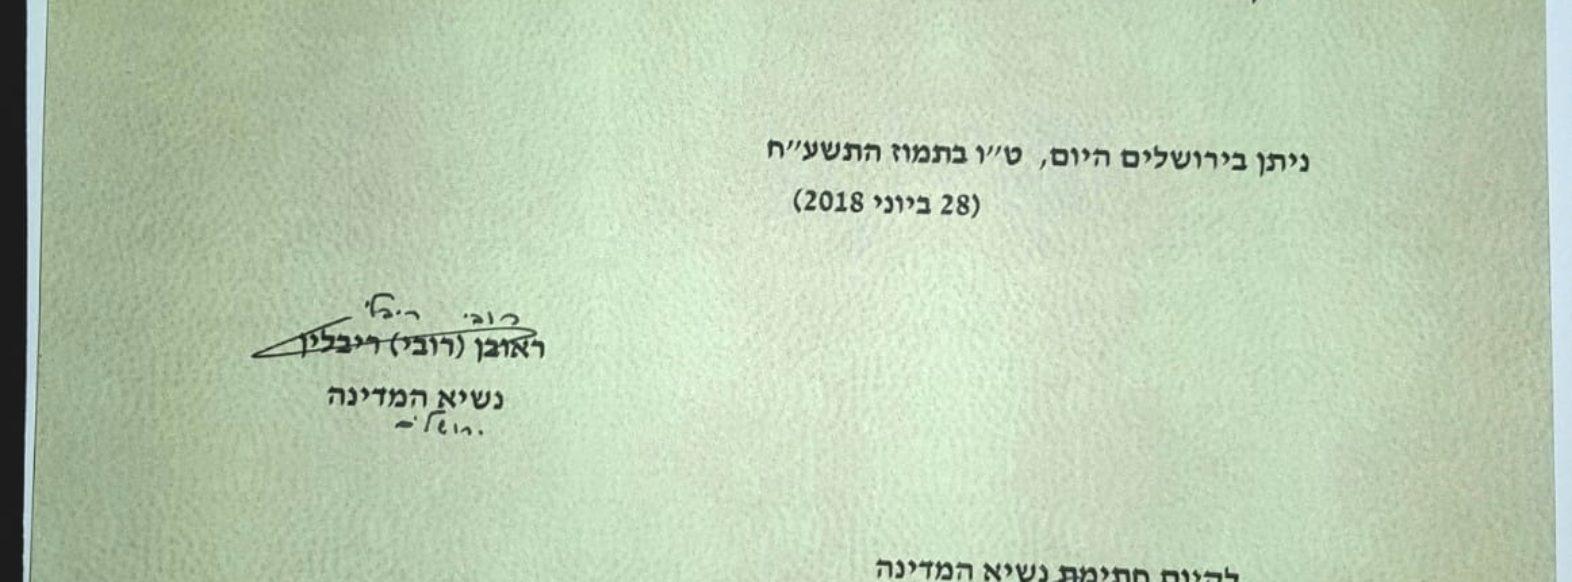 נשיא המדינה, ראובן ריבלין מינה את דוקורסקי לשמש כחבר מועצת הרשות לשיקום האסיר